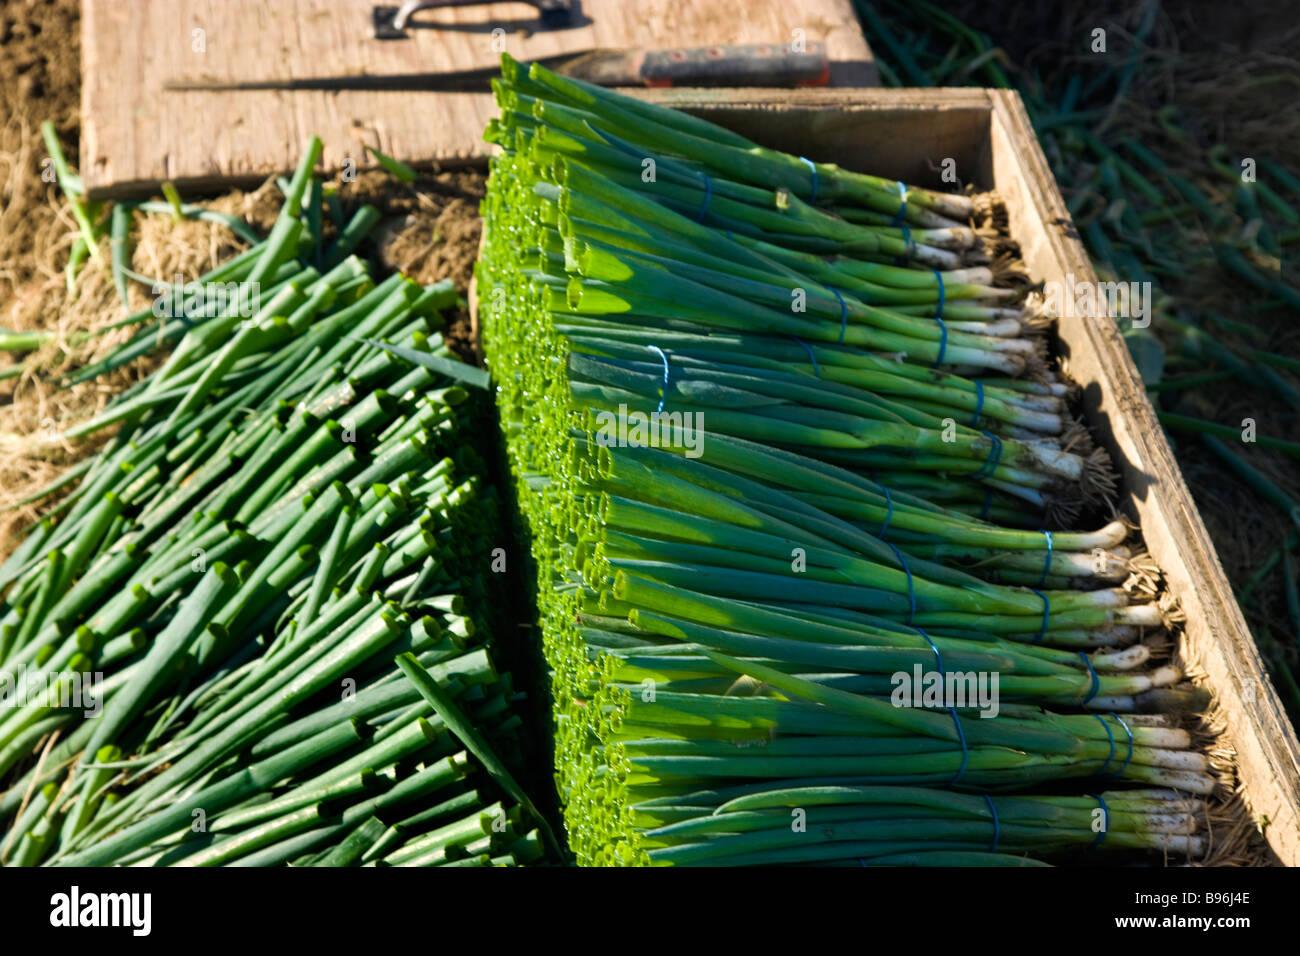 Oignons verts récoltés, sont issus de l'agriculture biologique. Photo Stock